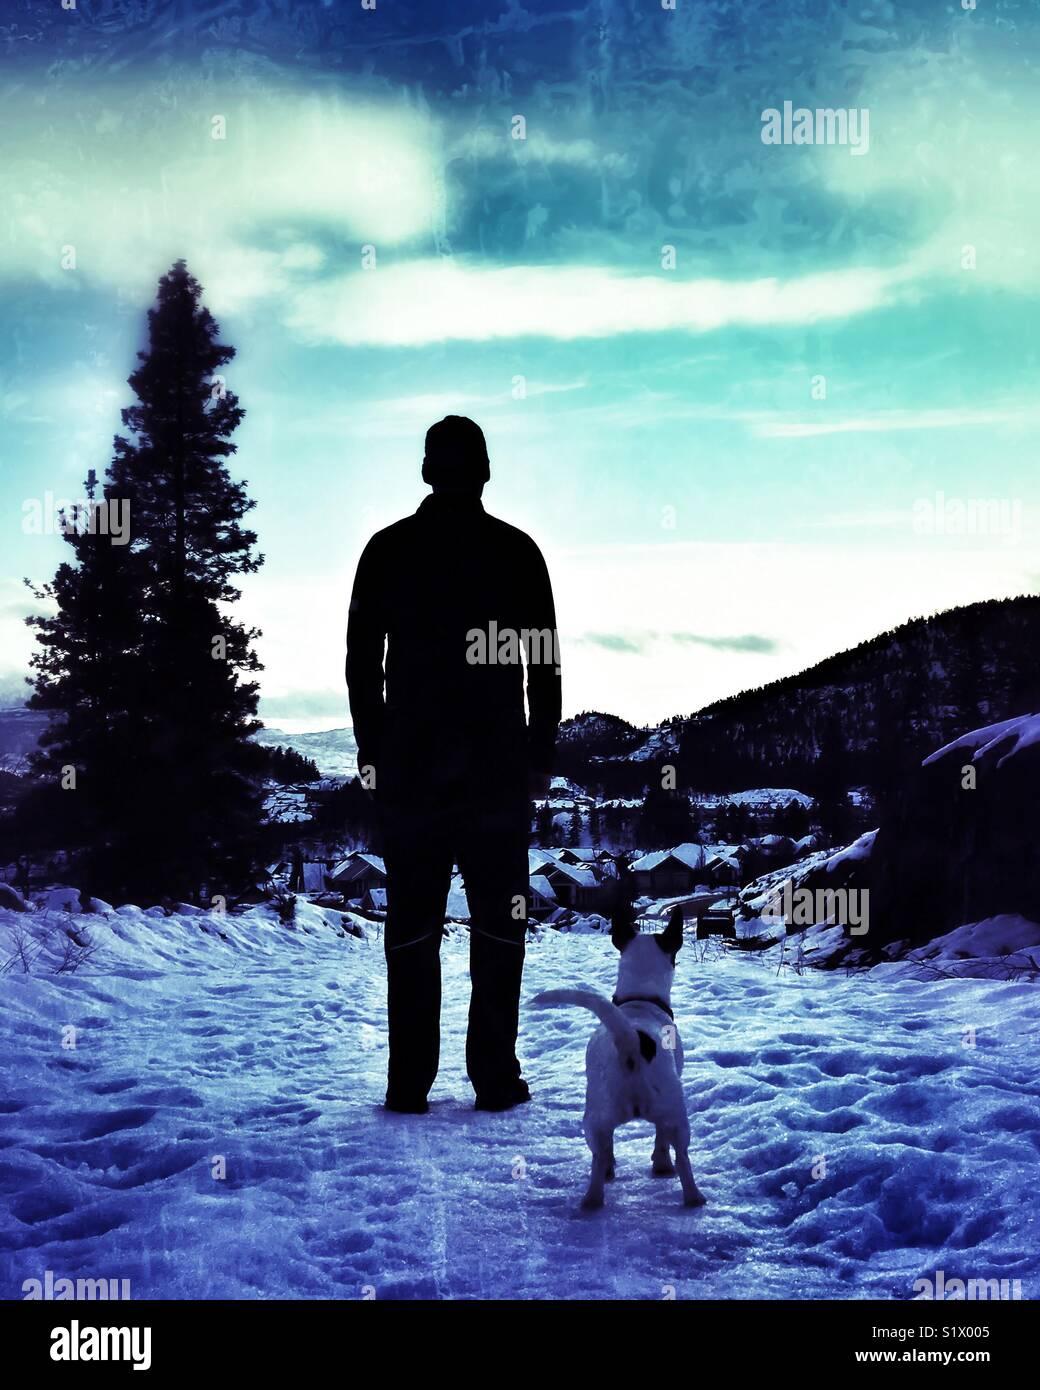 Silueta de un hombre de pie en la nieve con su perro. Imagen De Stock